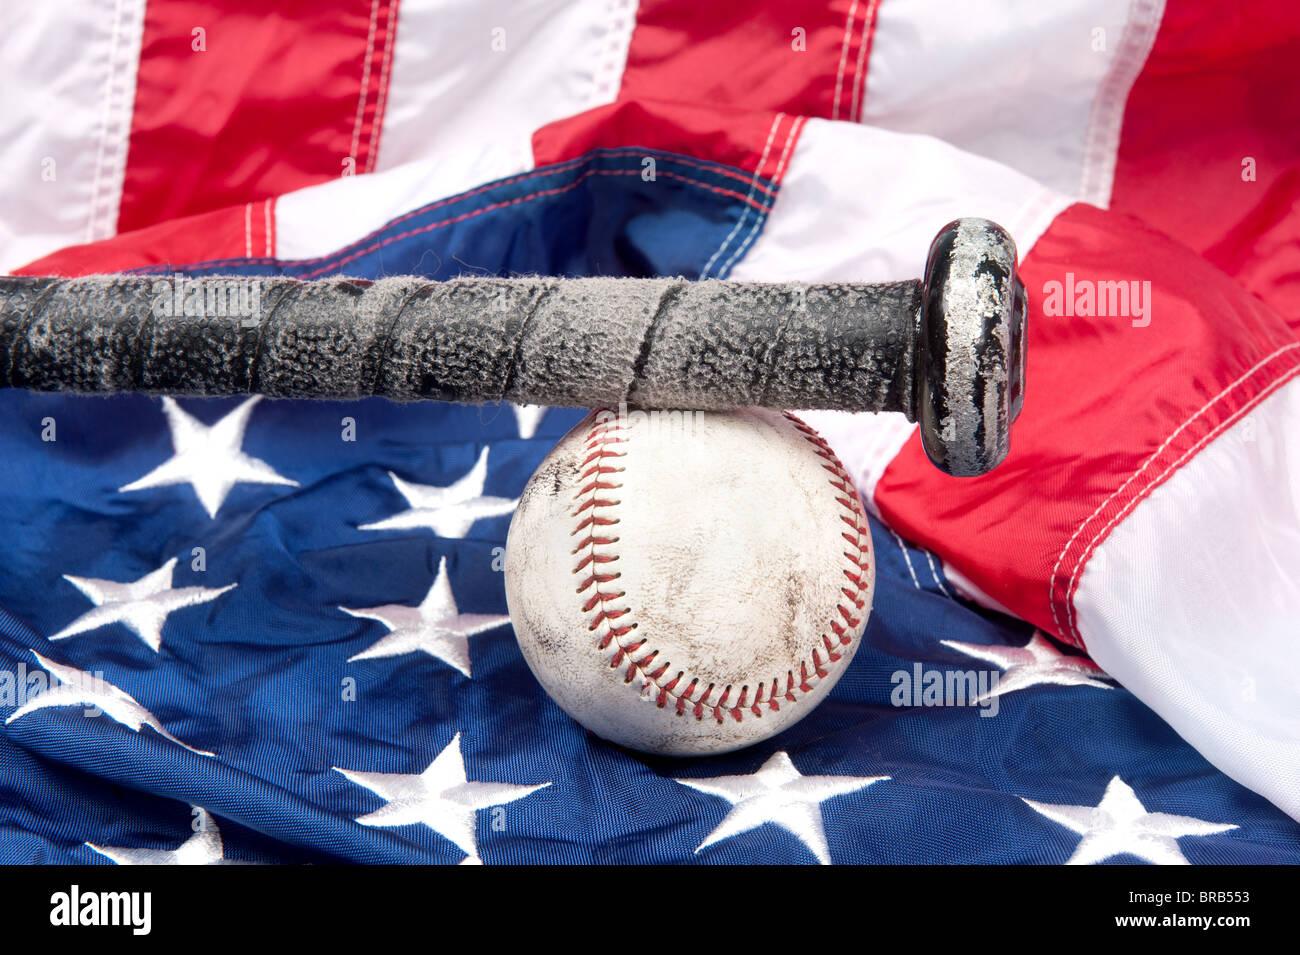 Attrezzatura da baseball compresa una racchetta e una palla da baseball su una bandiera americana. Immagini Stock